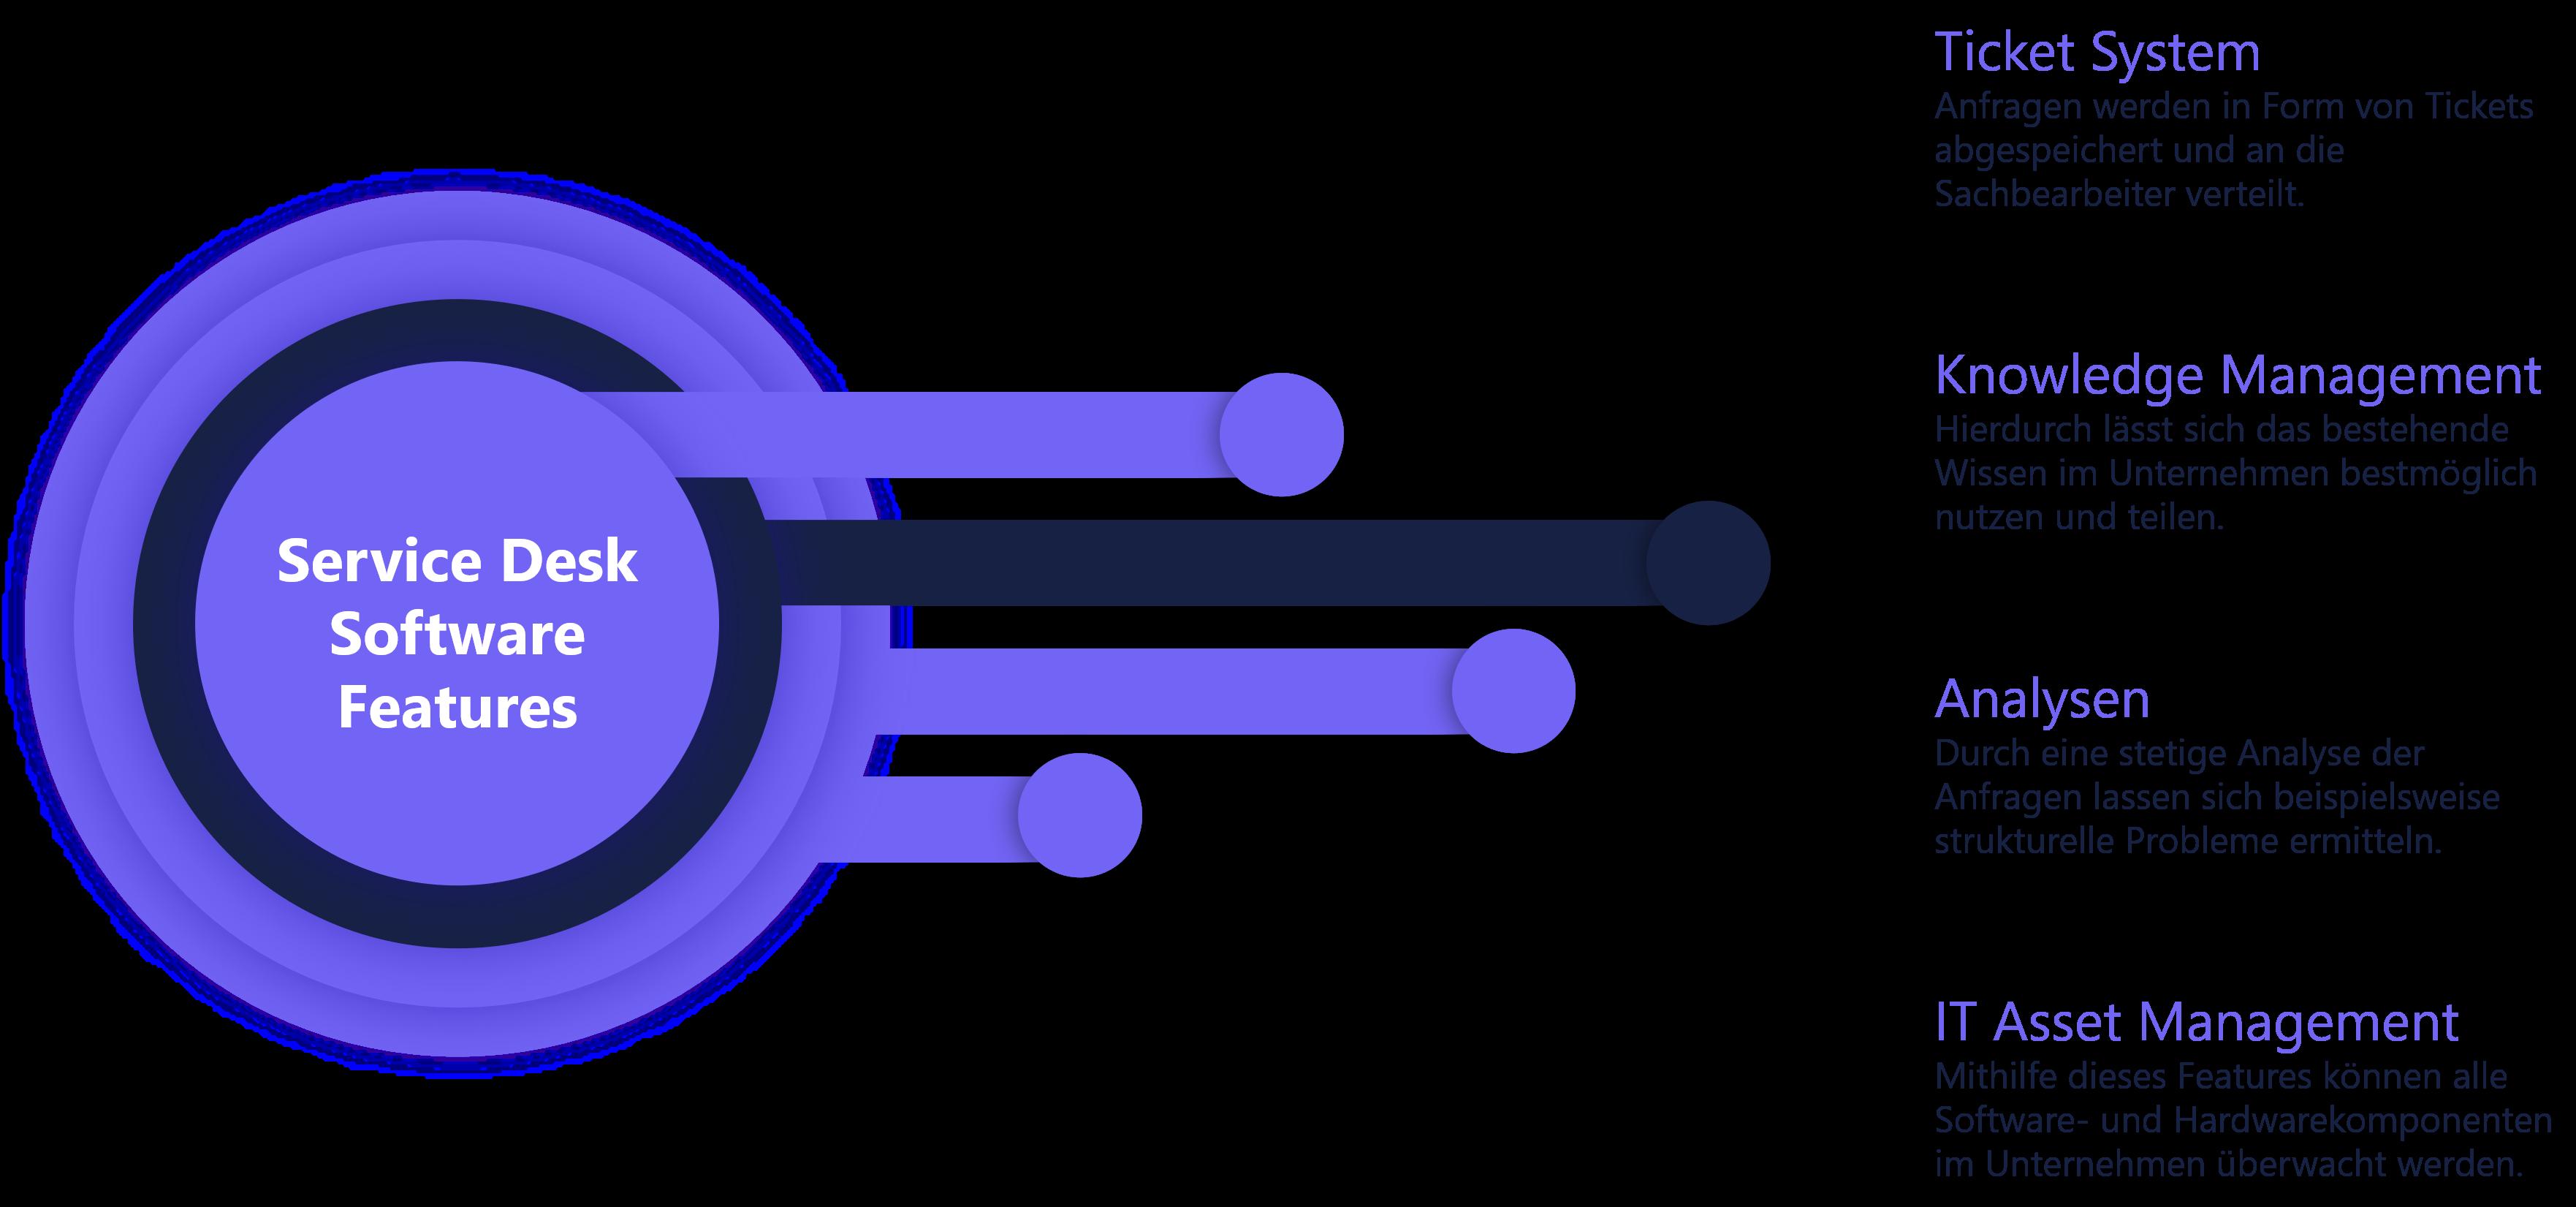 Darstellung - 4 typische Funktionen einer Service Desk Software